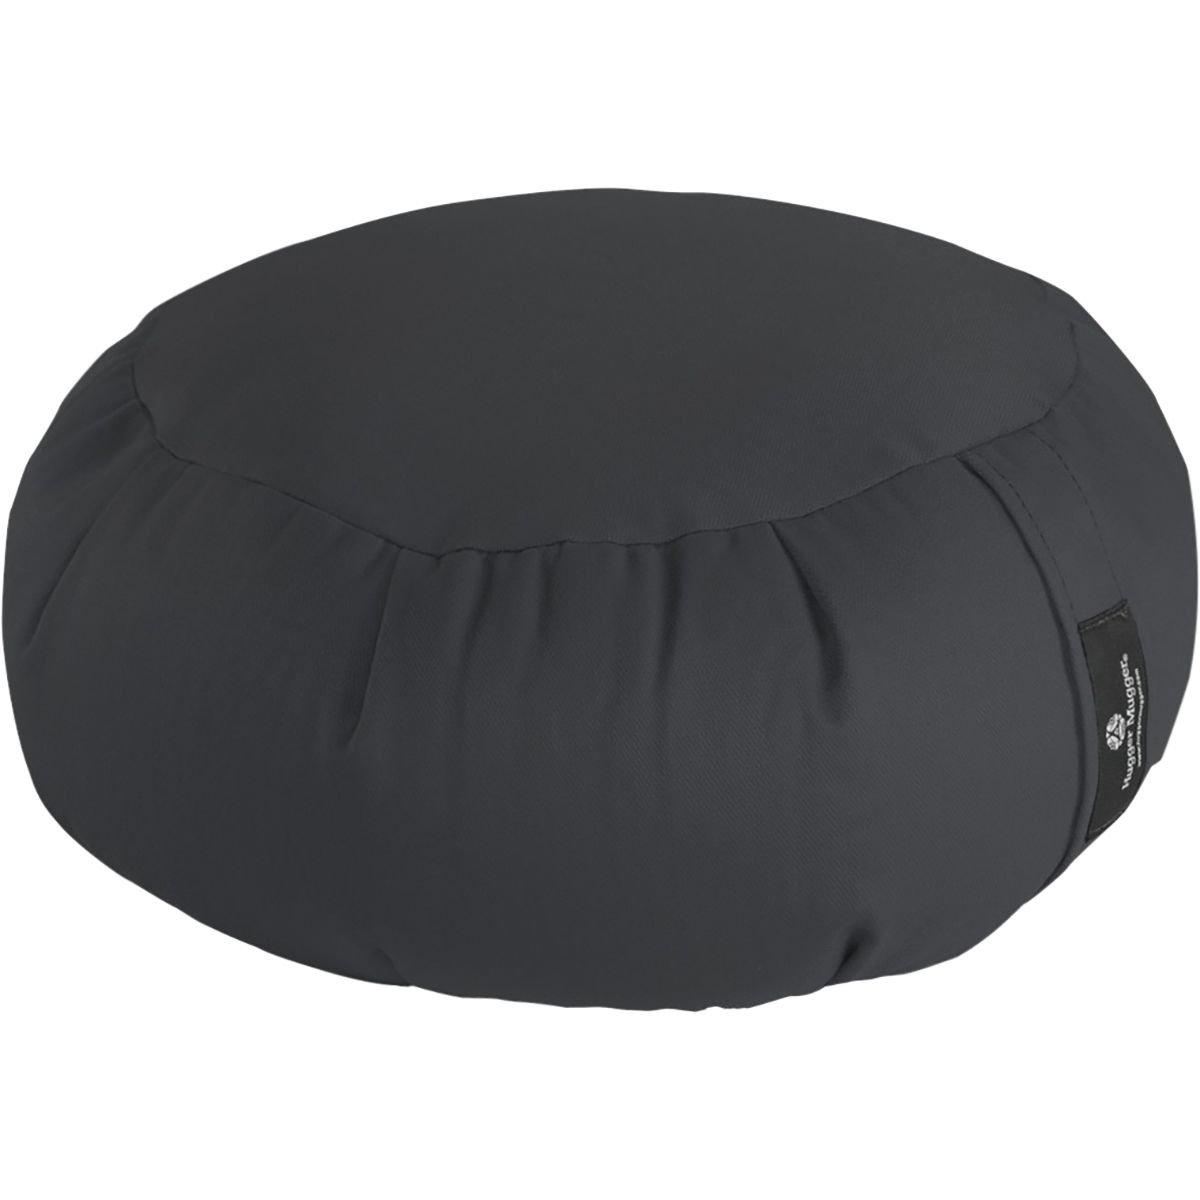 Hugger Mugger Zafu Yoga Cushion - Gray